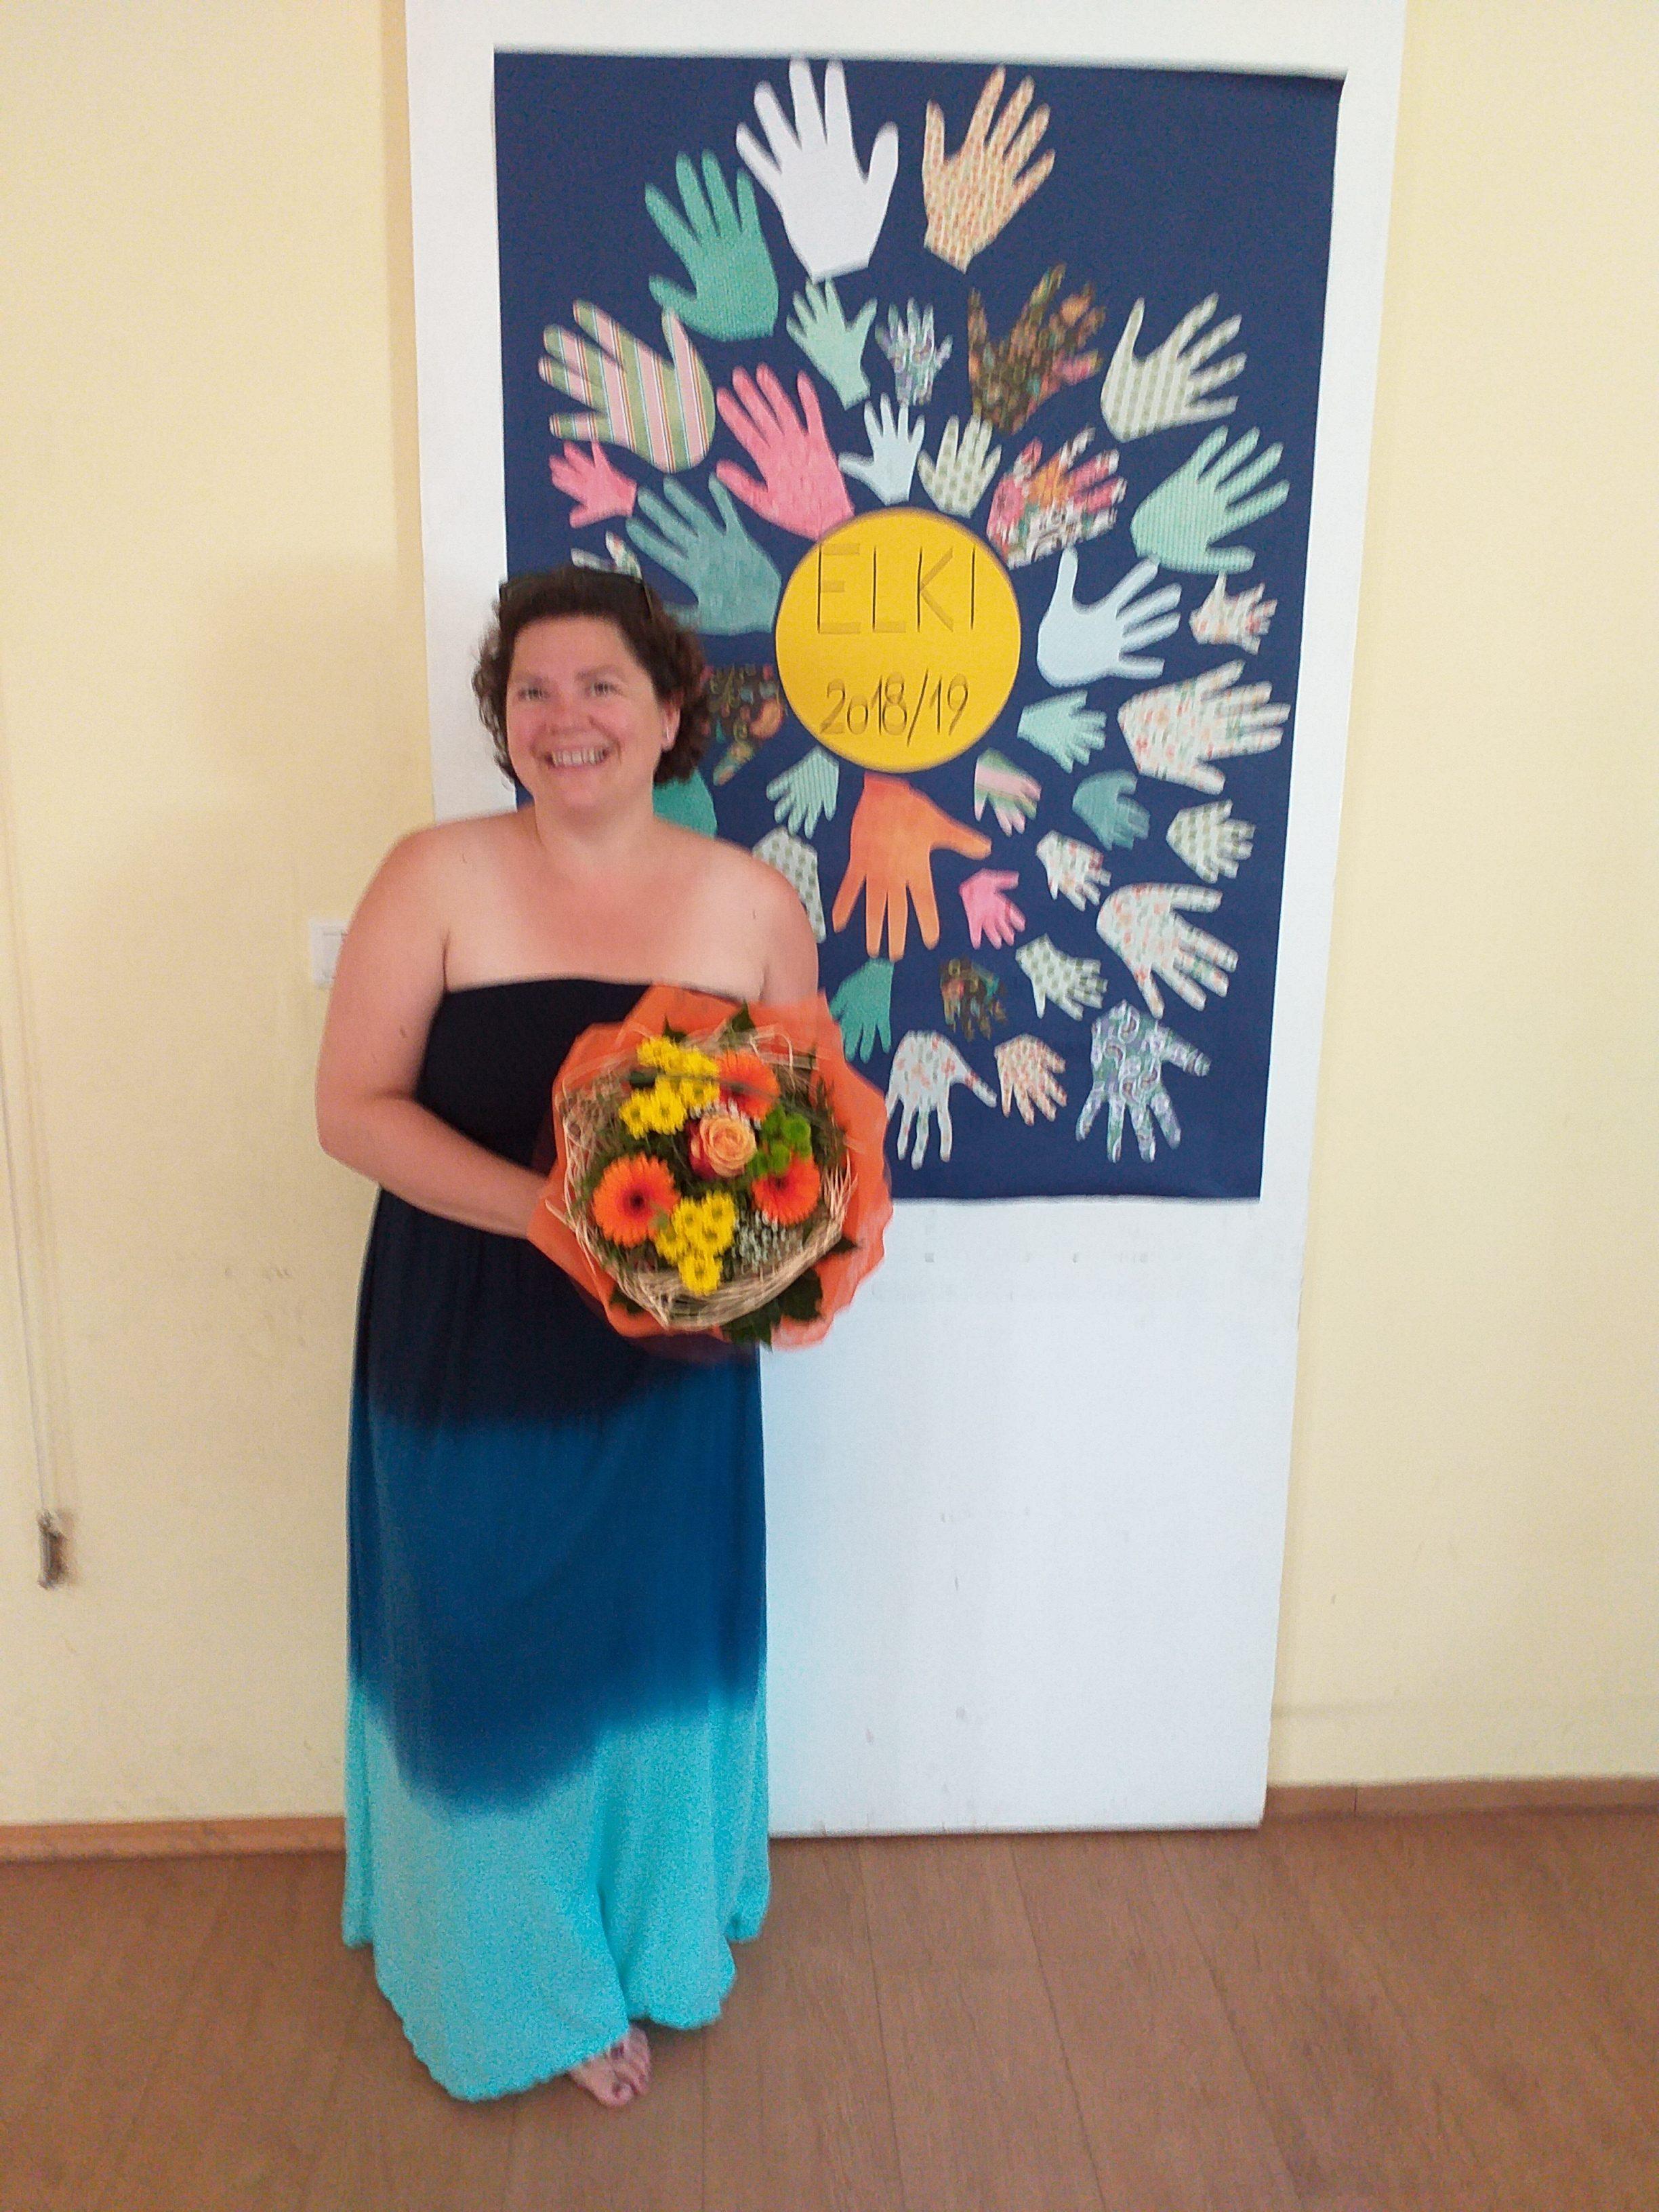 Ein großartiges ELKI (ElternKind)Jahr – Danke Sonja und allen die mitgeholfen haben!